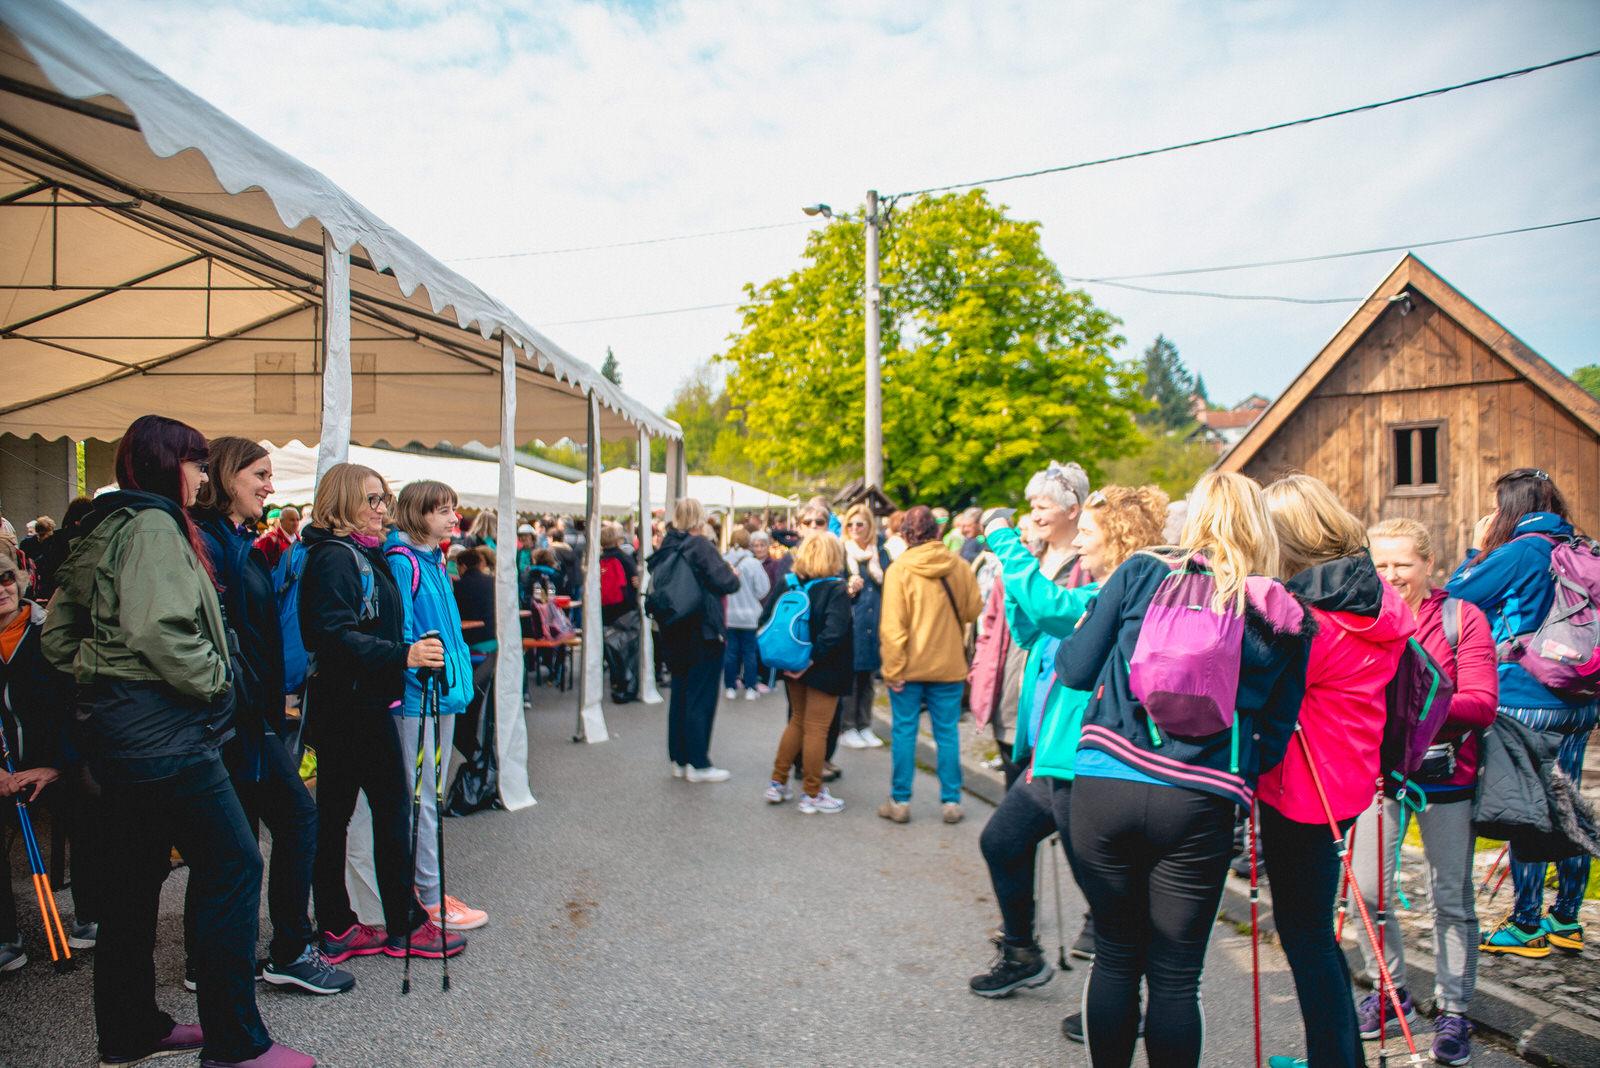 likaclub_slunj_rastoke_5-festival-nordijskog-hodanja_2019-27